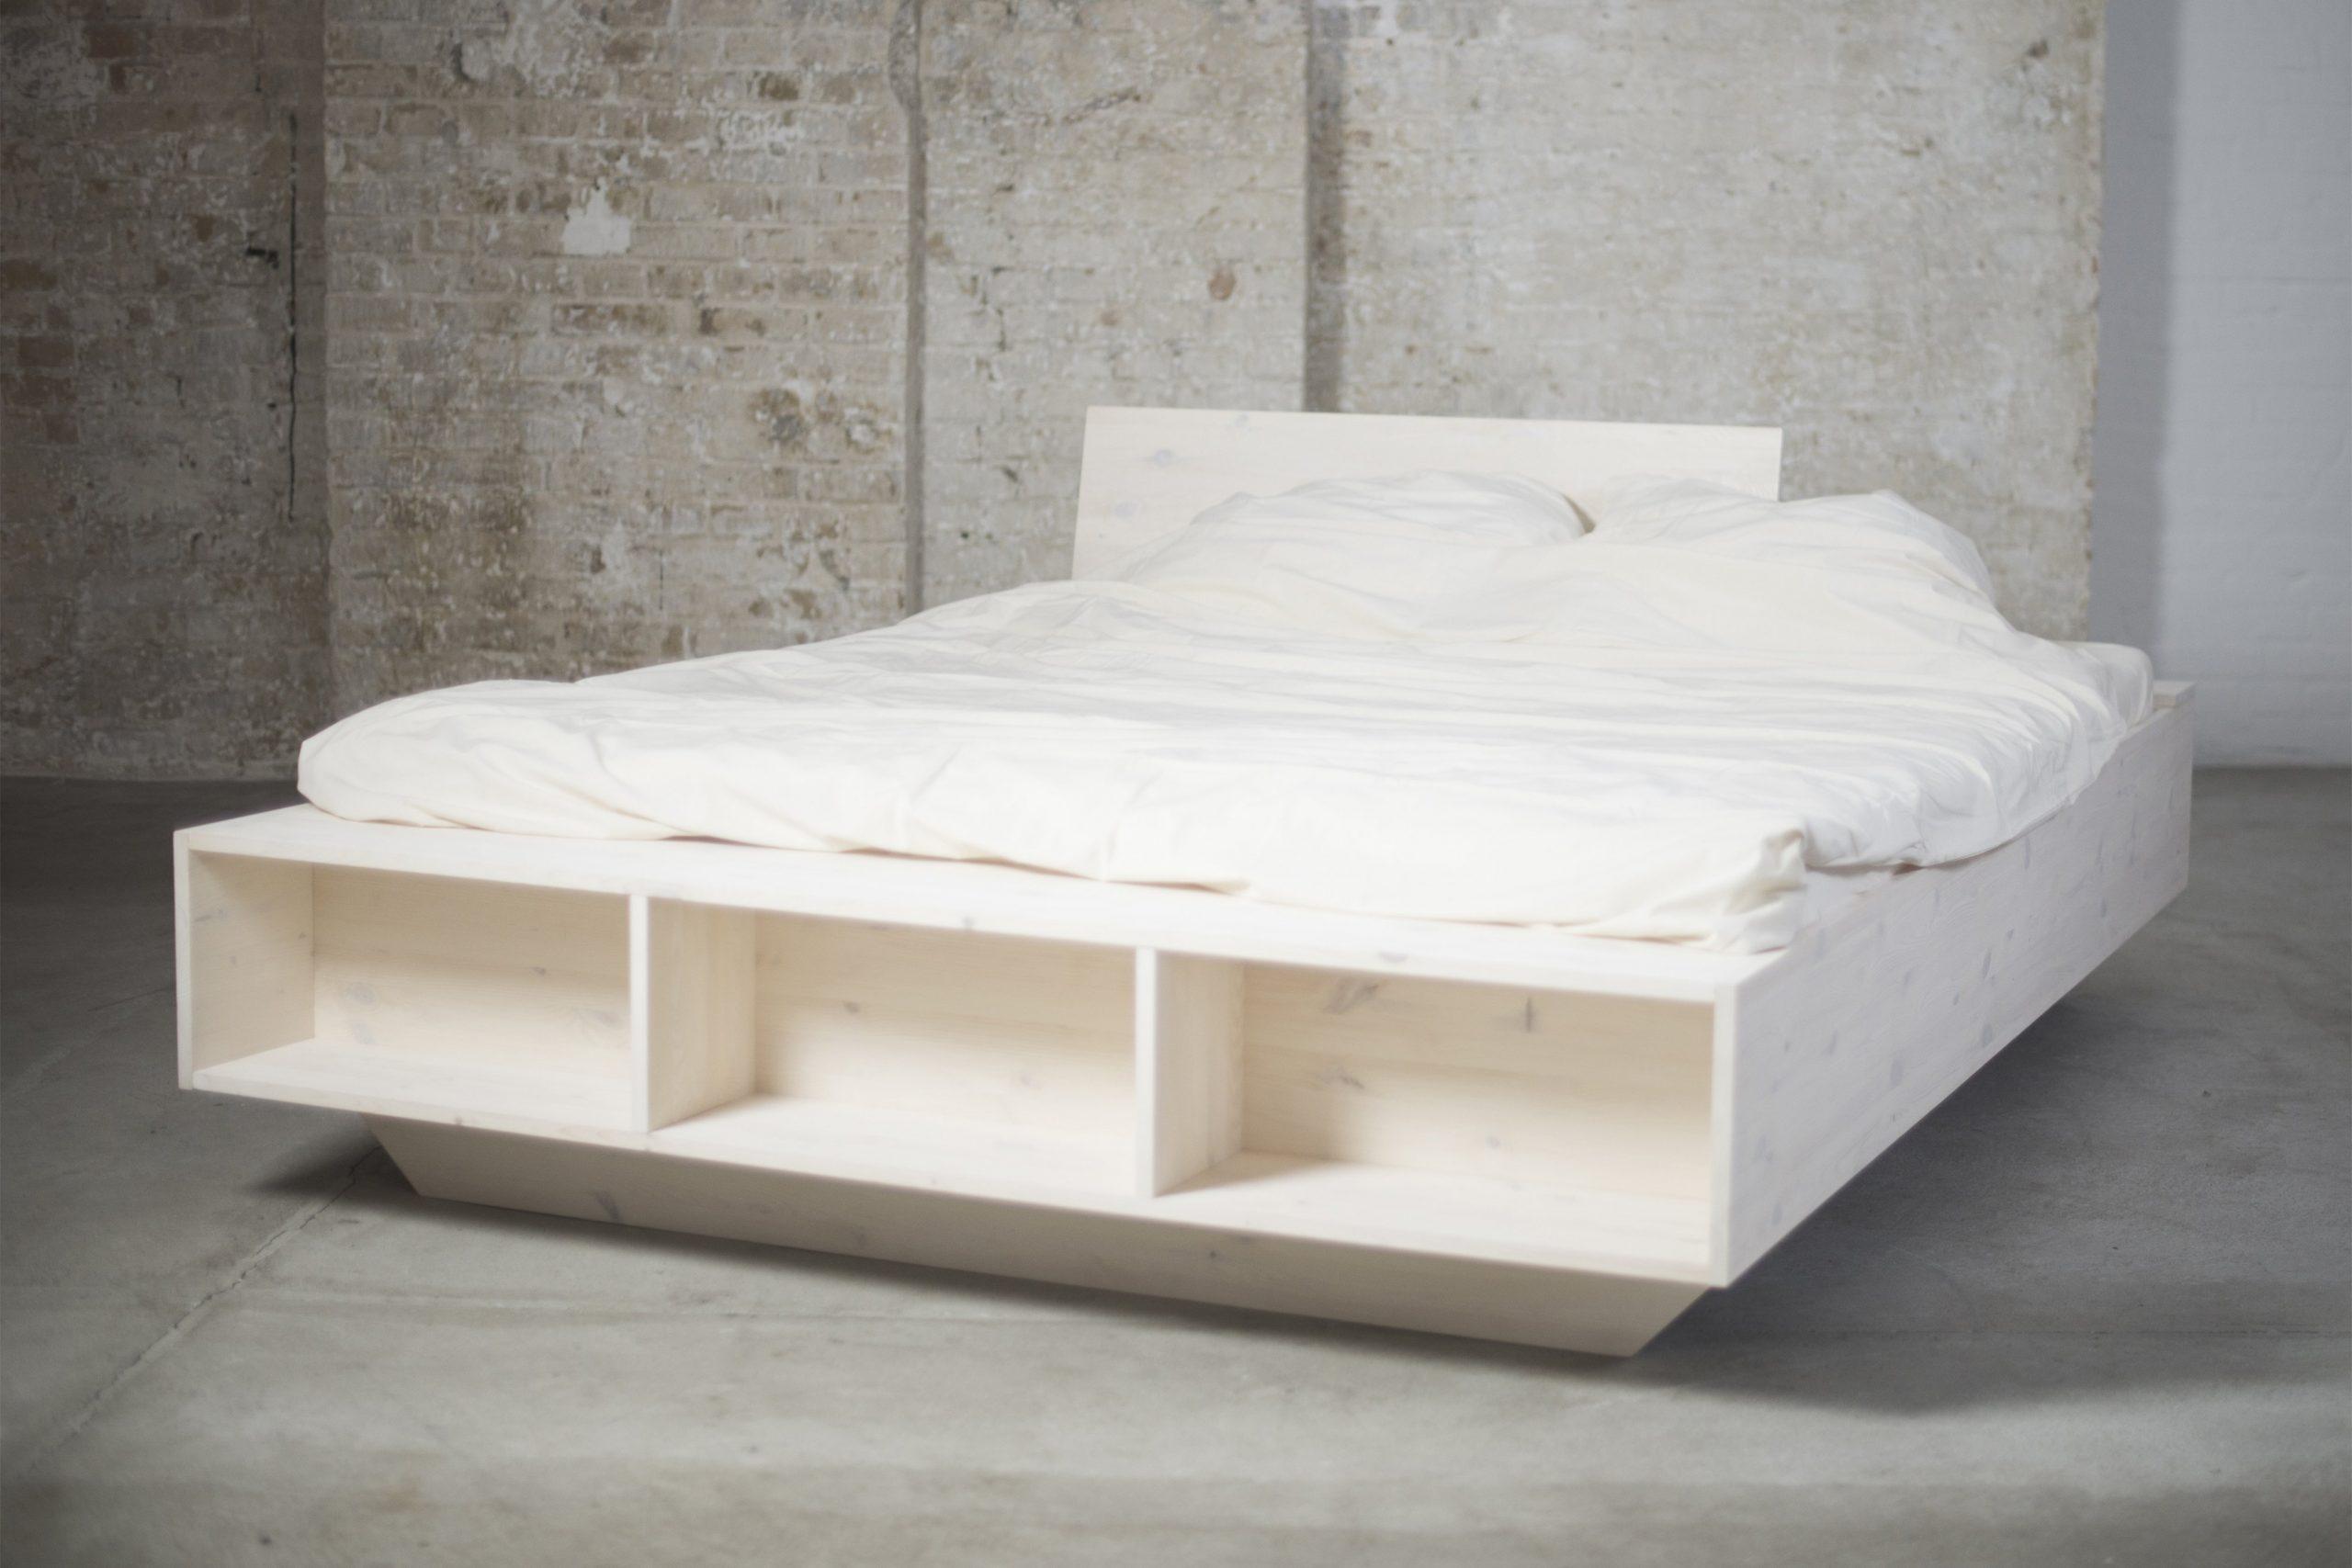 Full Size of Design Bett Aus Massivholz Mit Stil Und Stauraum Betten Ikea 160x200 140x200 Ohne Kopfteil Ruf Fabrikverkauf 120 Schlafzimmer Hohem Schwarz Weiß Gästebett Bett Stabiles Bett